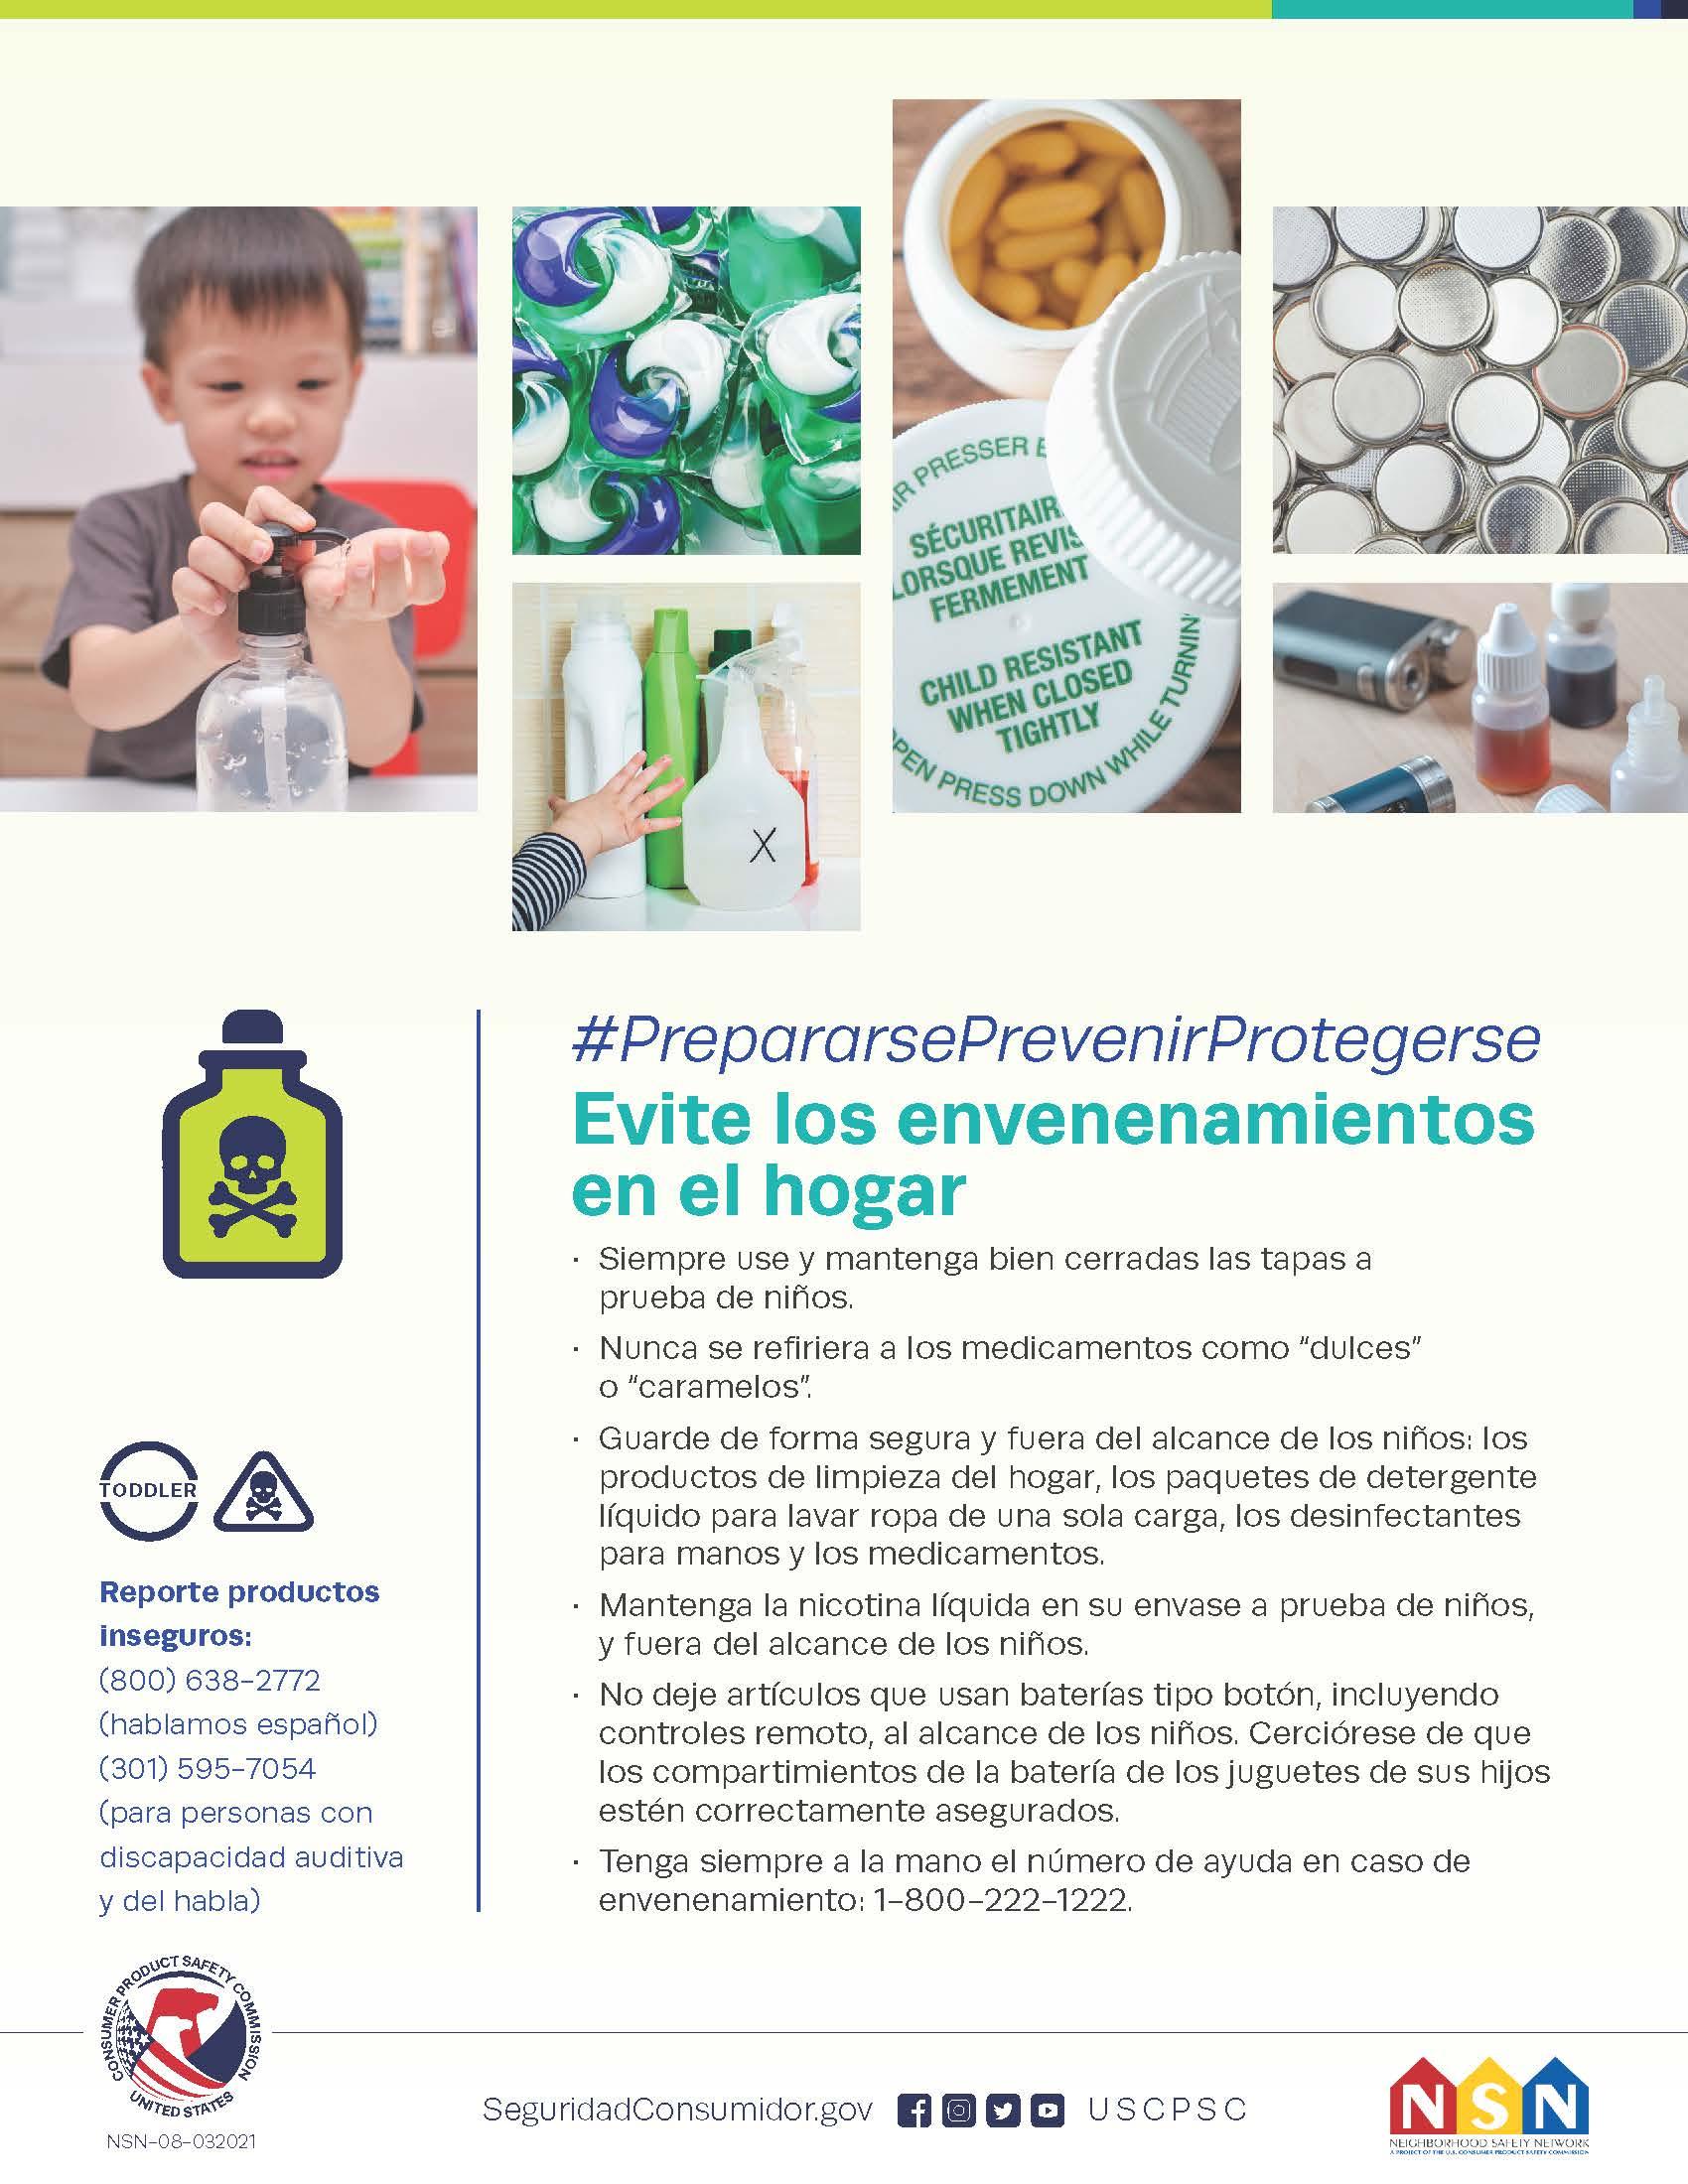 Prevenga envenenamientos: piense más allá de botiquines y gabinetes de cocina